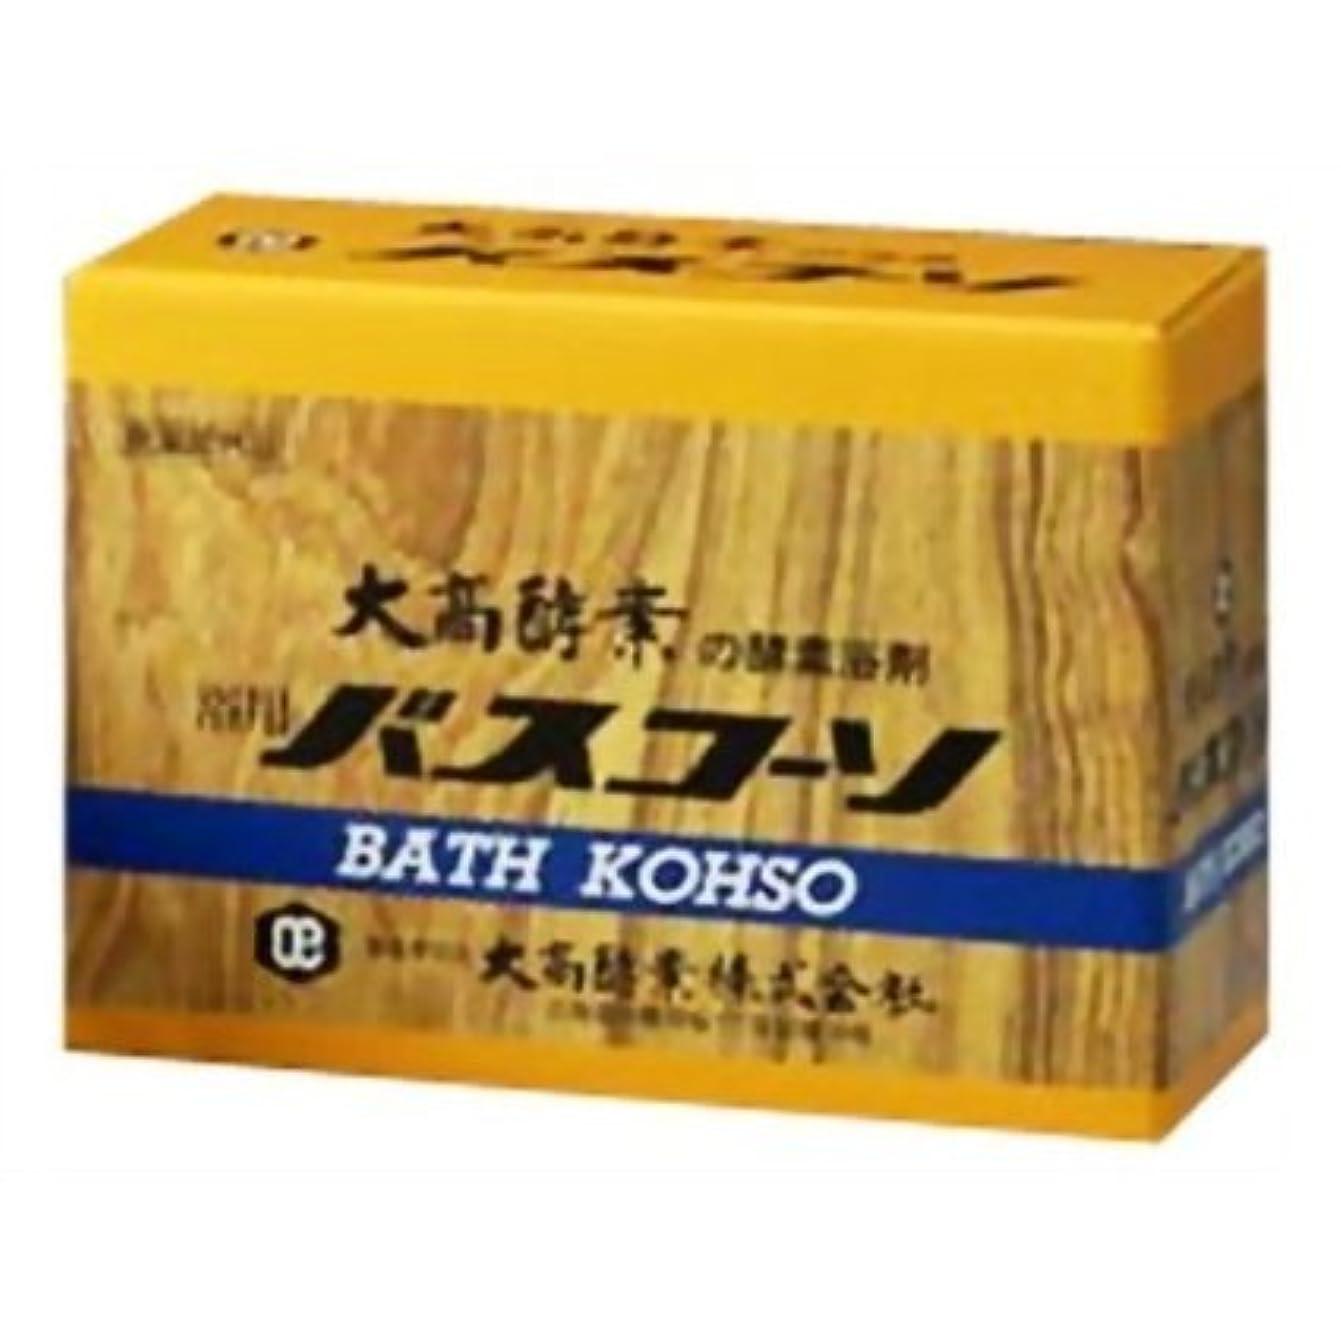 フロントヒロイン配管工大高酵素 浴用バスコーソ 100gx6 【4個セット】